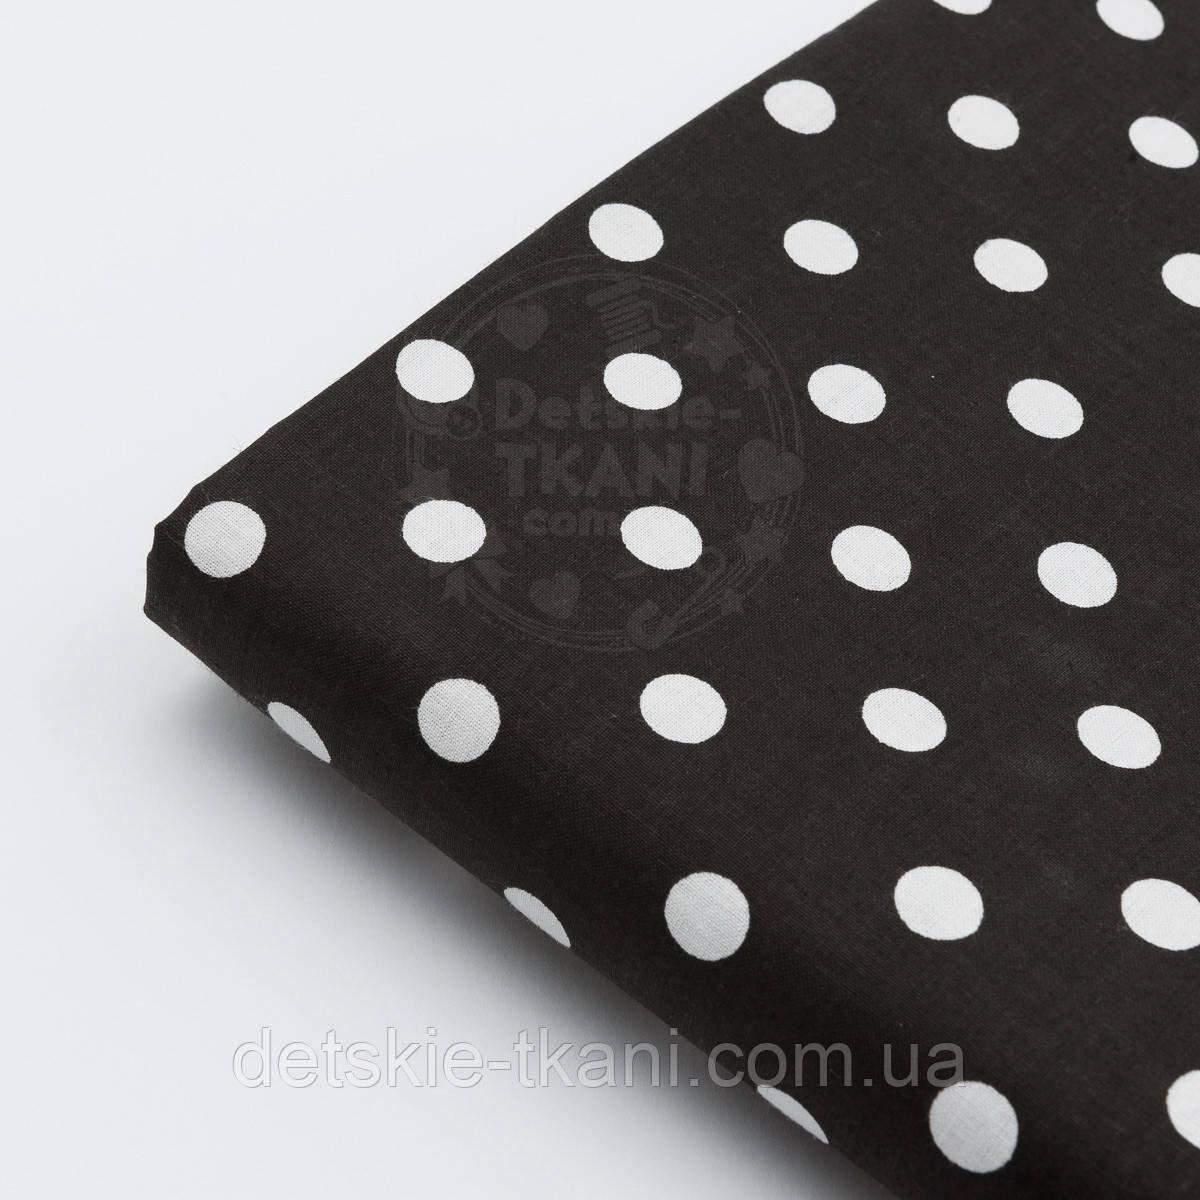 Лоскут ткани №516а  с белым горошком 11 мм на чёрном фоне  размером 45*80см